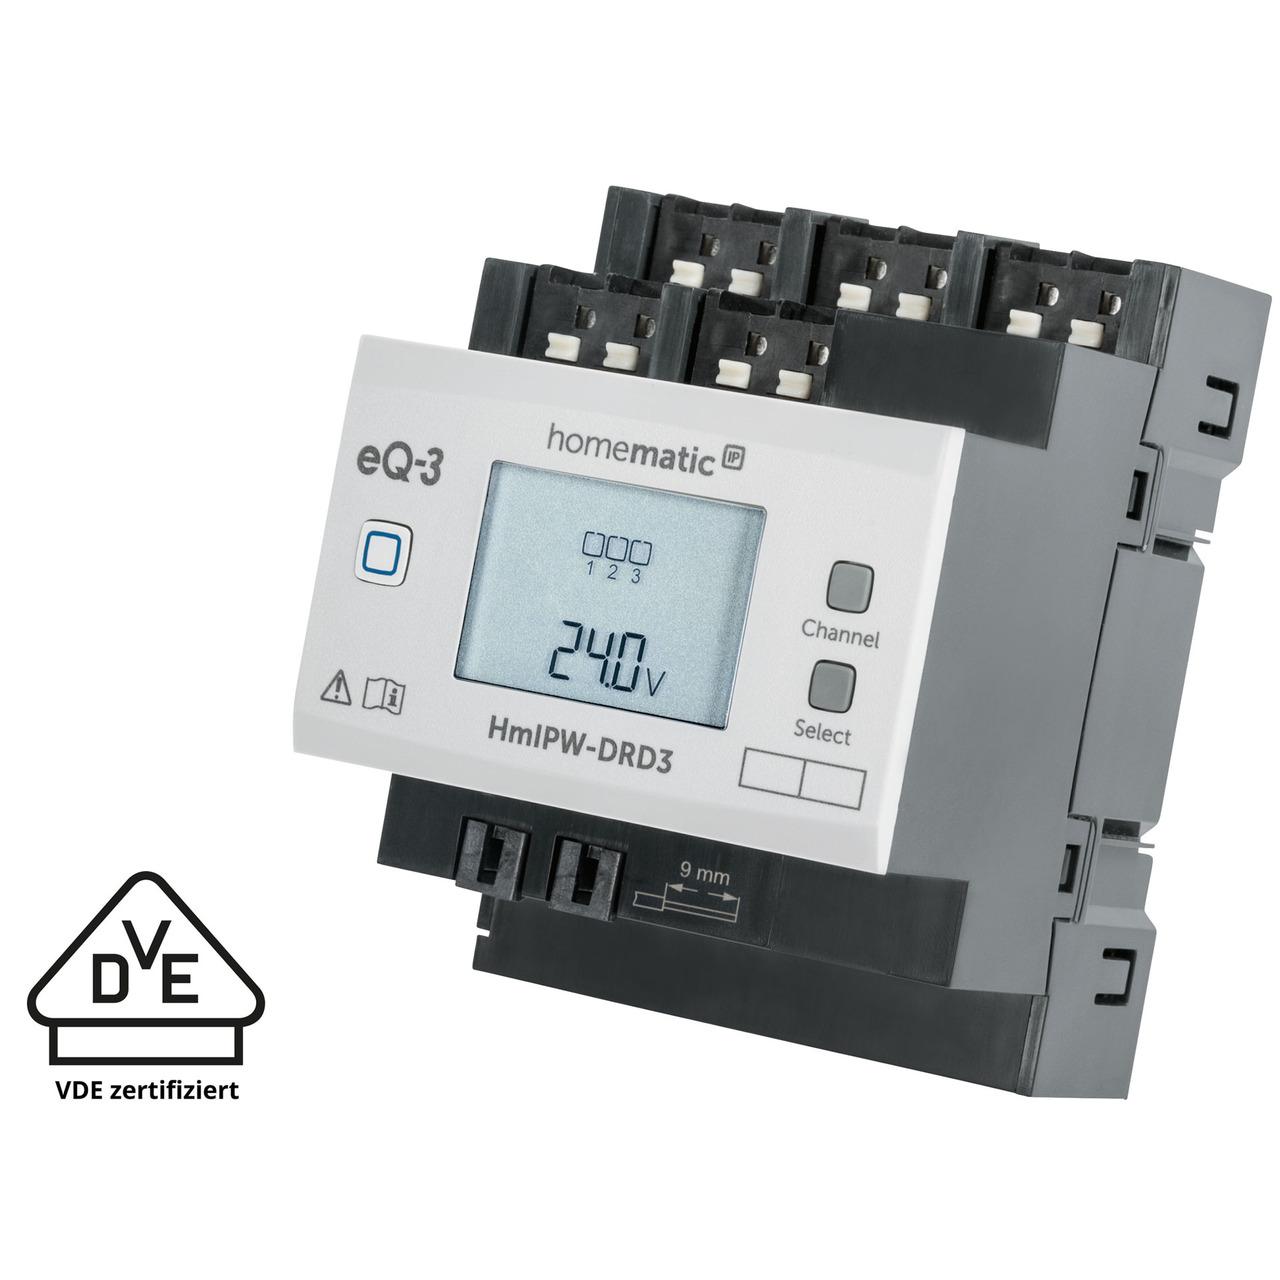 Homematic IP Wired Smart Home 3-fach-Dimmaktor HmIPW-DRD3- VDE zertifiziert